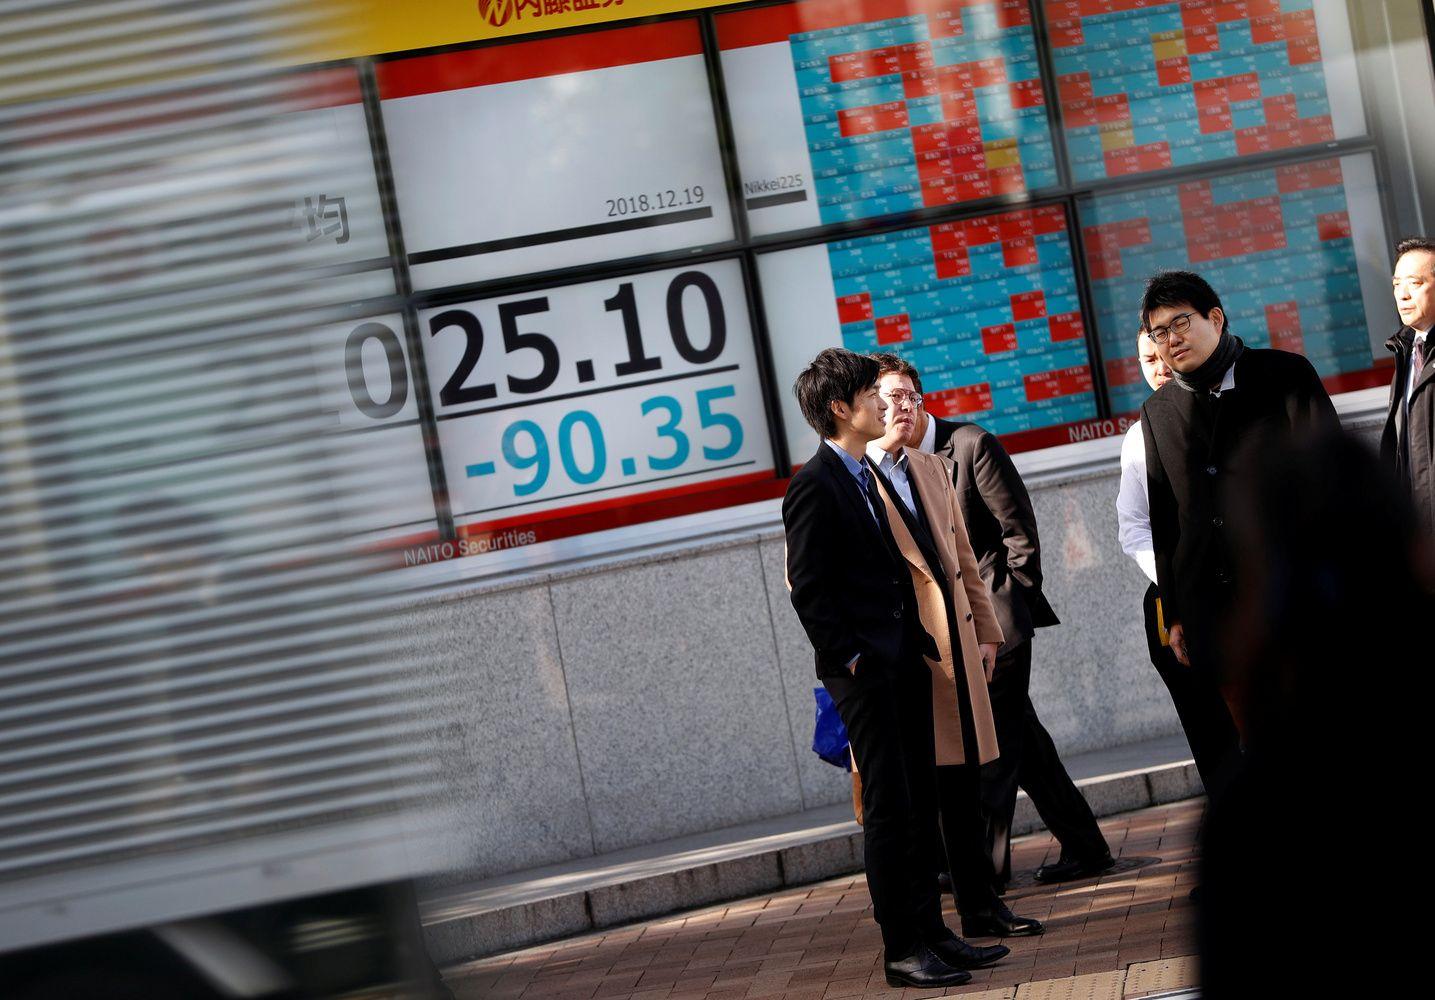 Fondų valdytojai dėl ekonomikos pesimistiškiausi per dešimtmetį